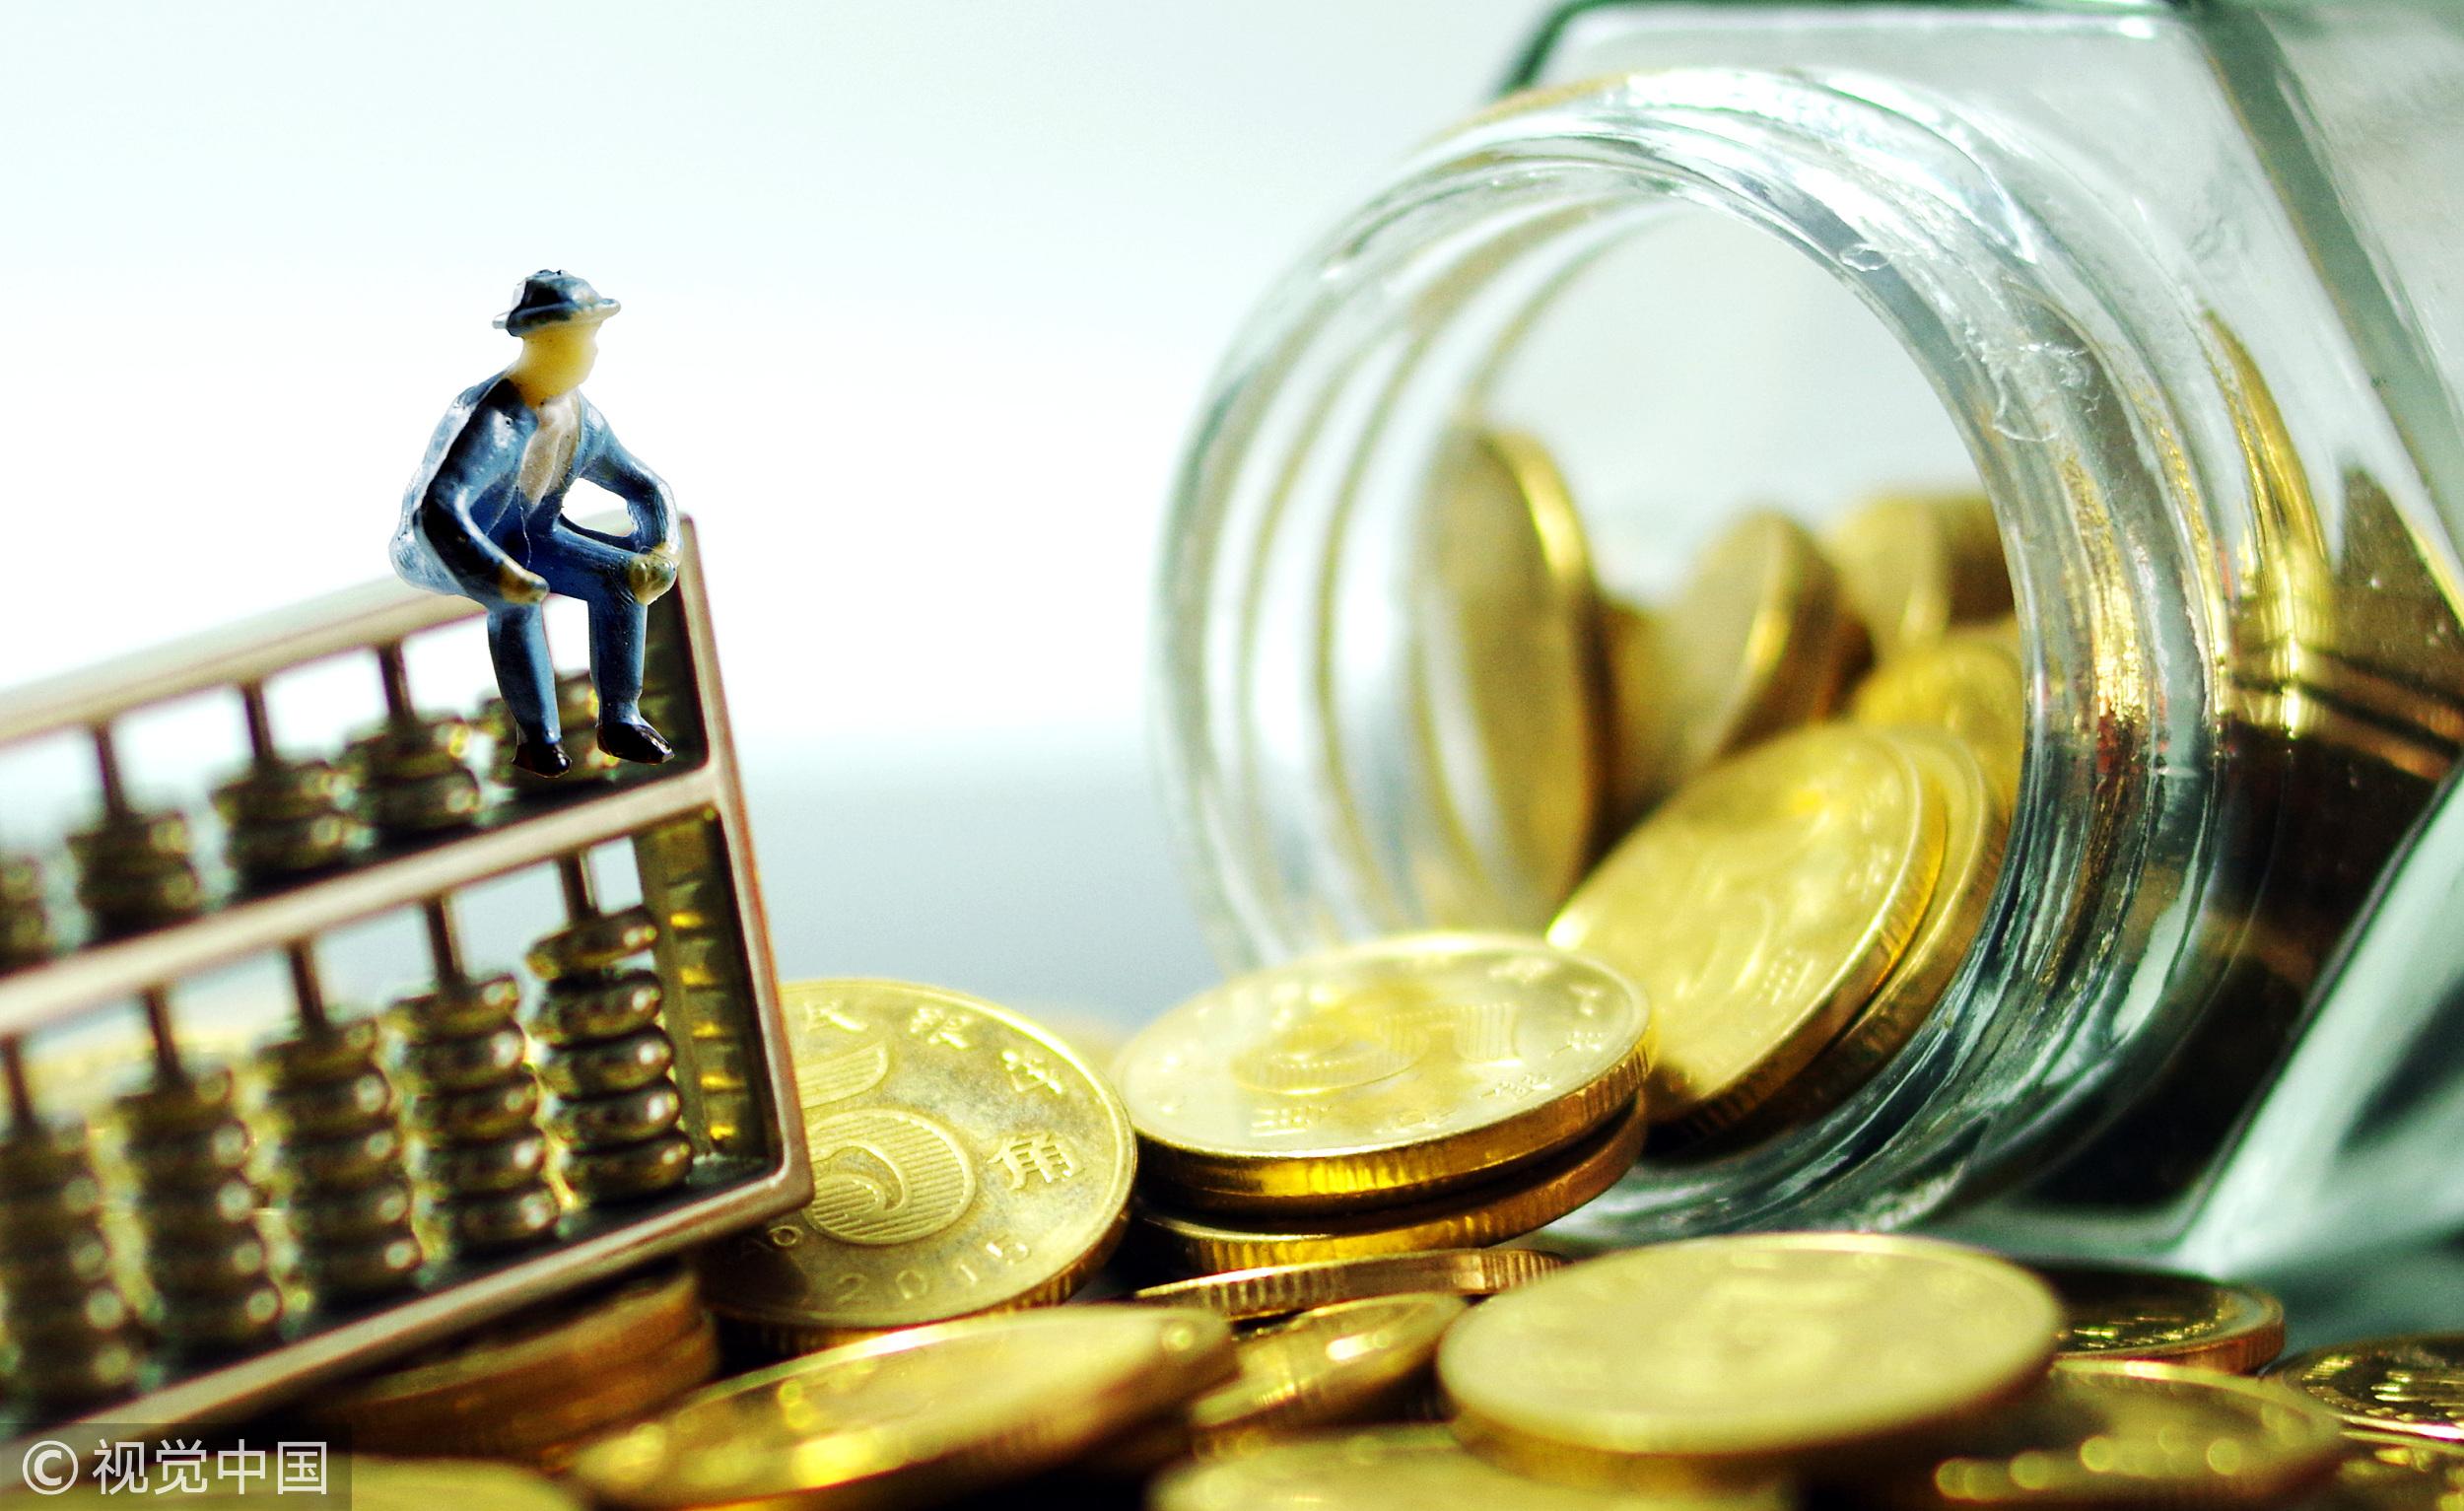 国际学校教育集团格瑞思完成A轮融资,拟三年后启动IPO